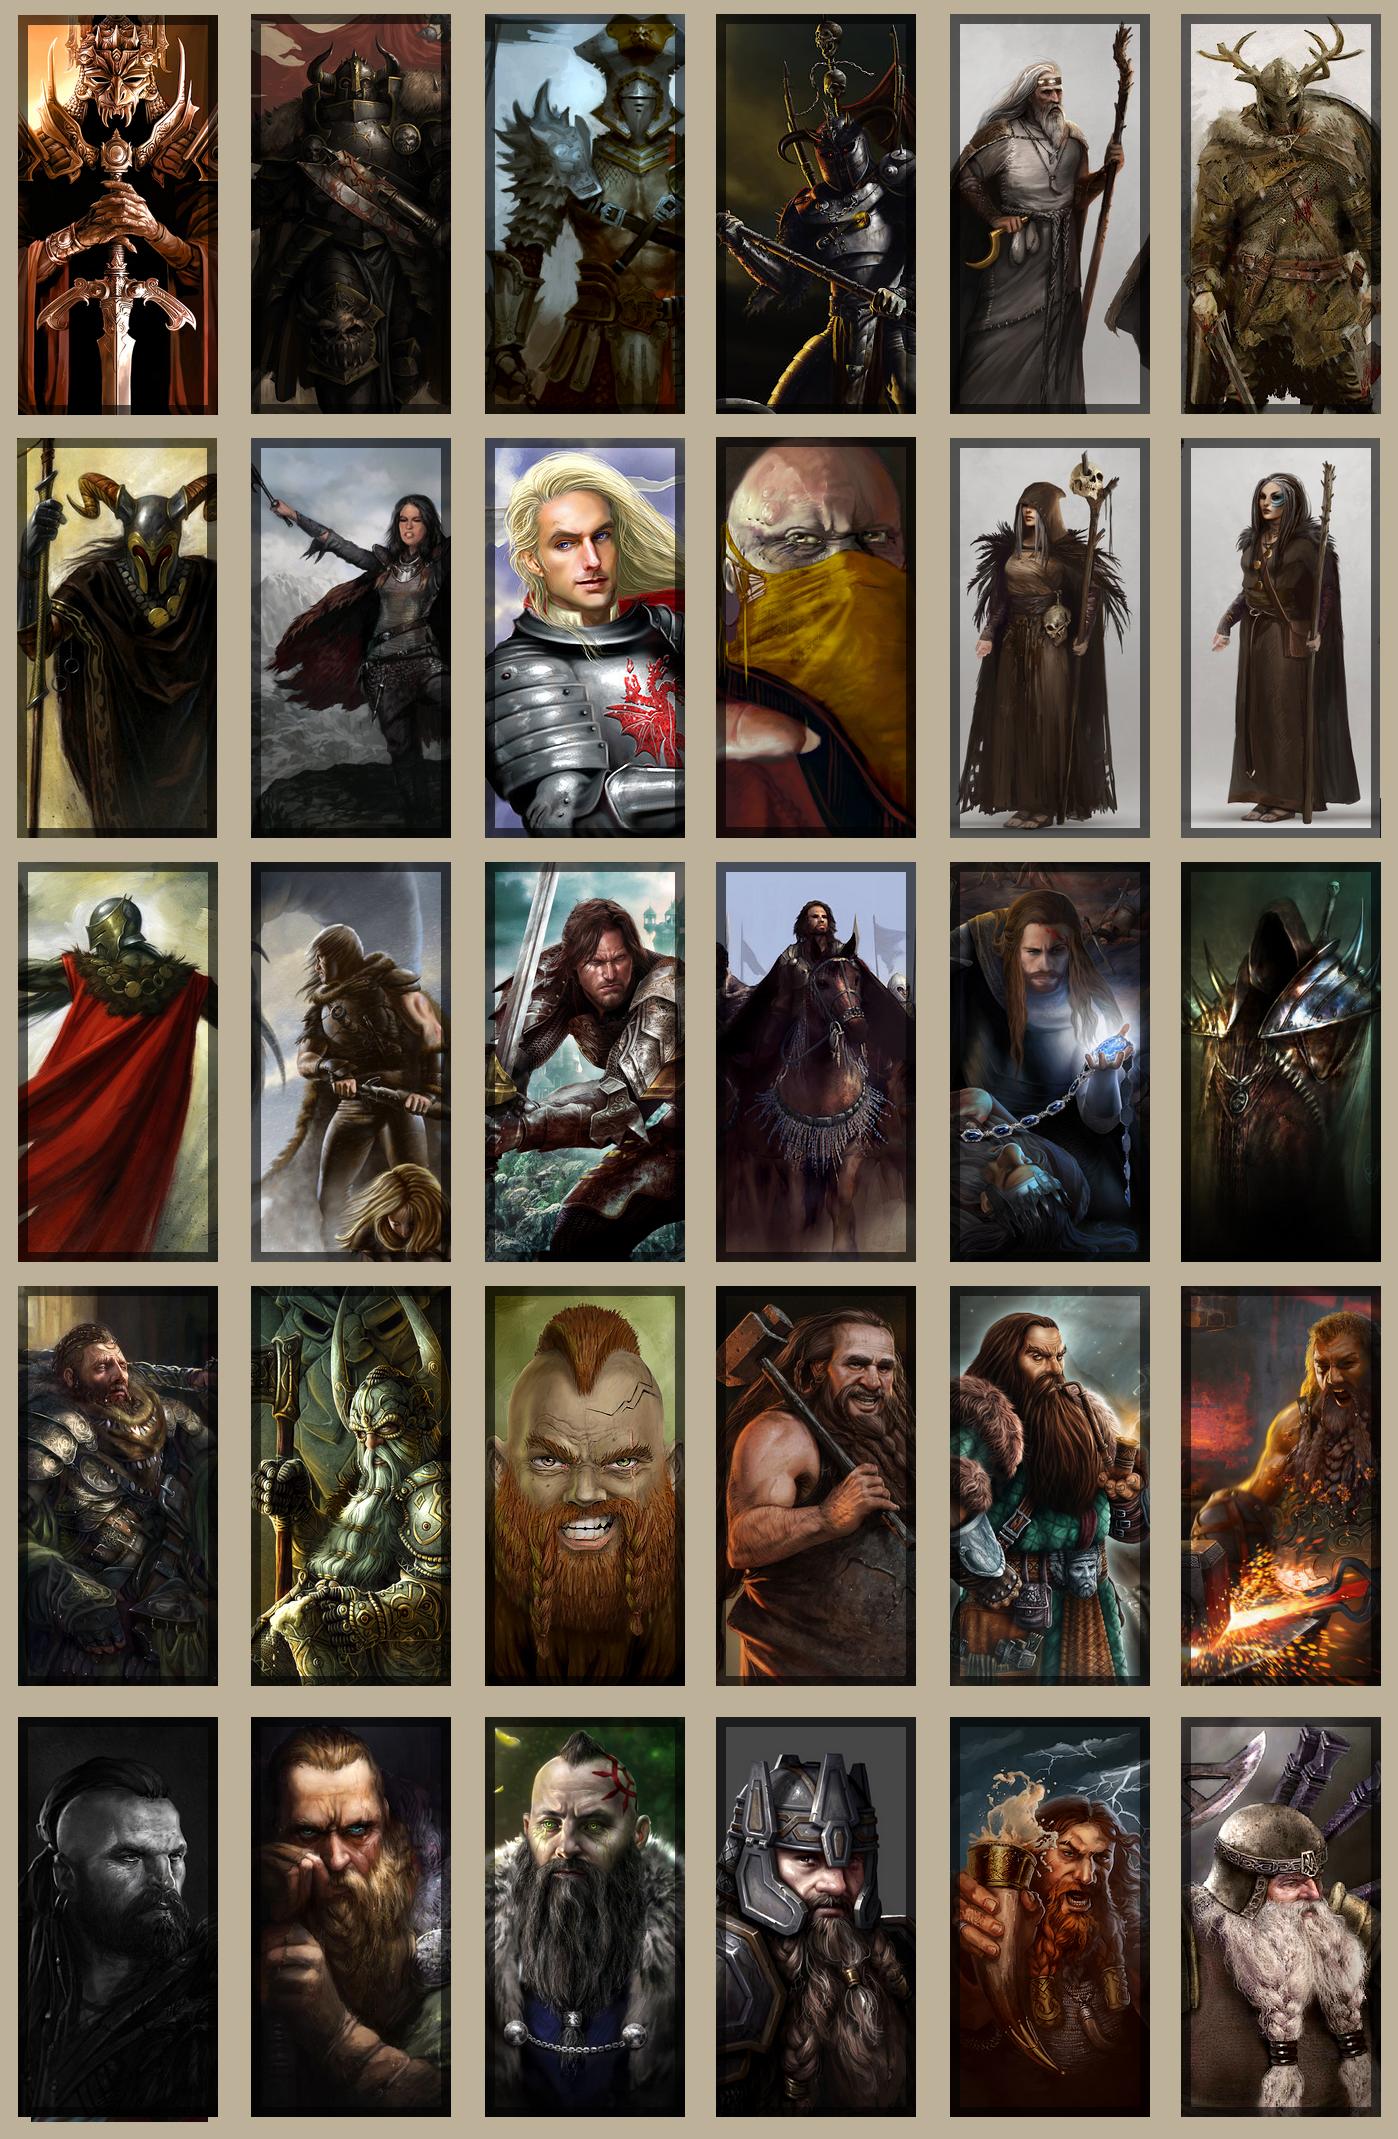 Galerie d'avatars - Inspiration et idées de personnage 527281avatars6